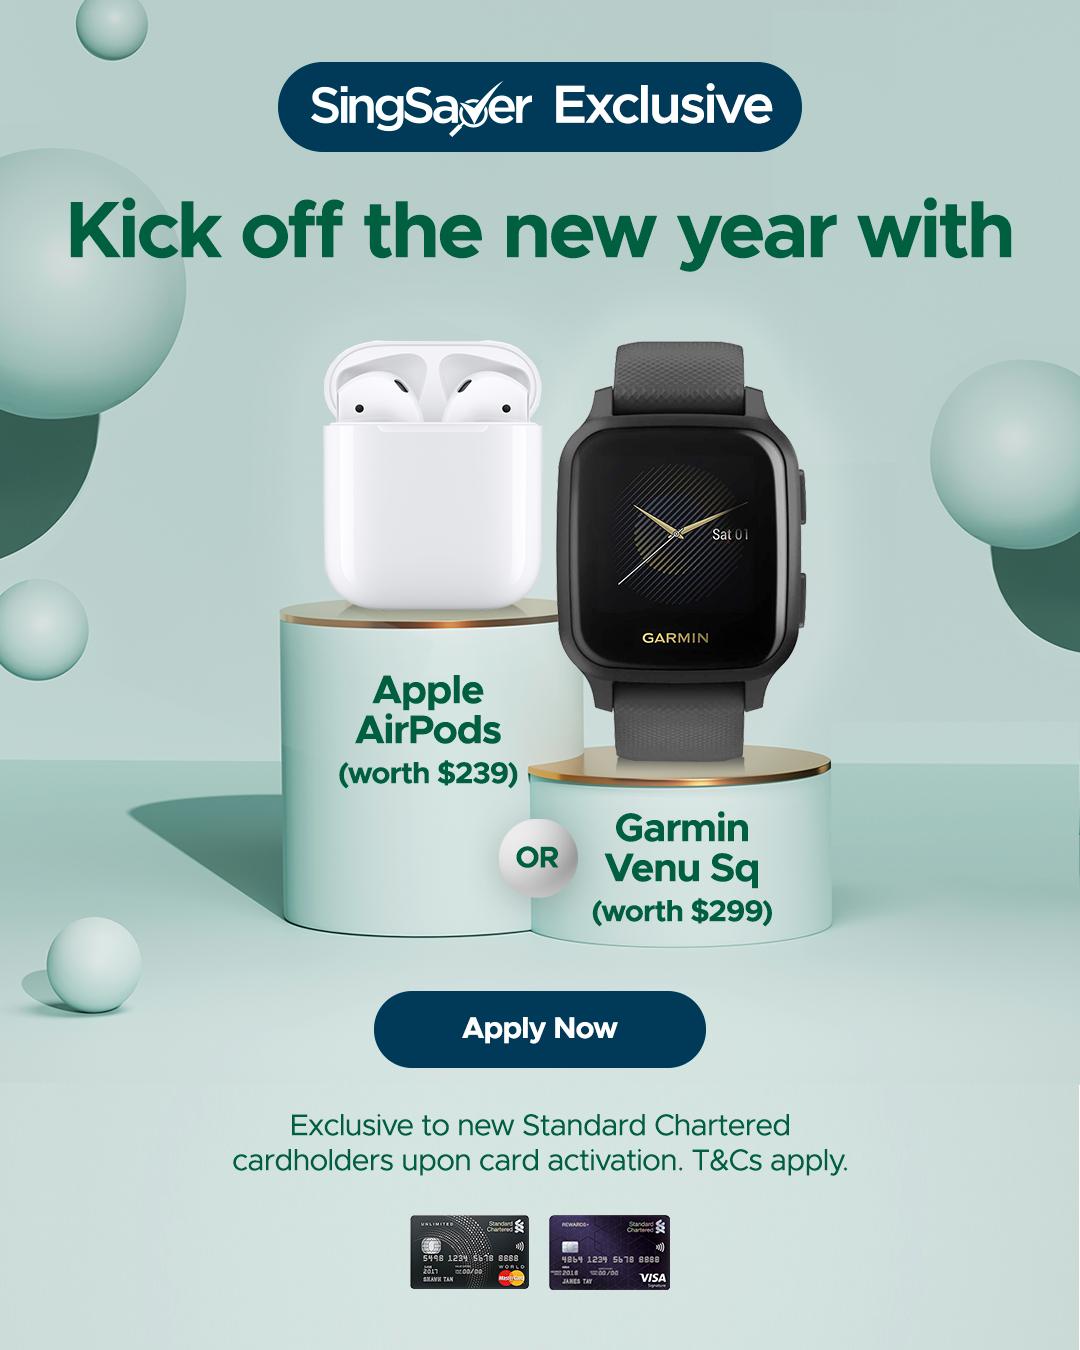 Get a free Garmin Venu SQ Watch (worth $299) or Apple AirPods (worth $239)